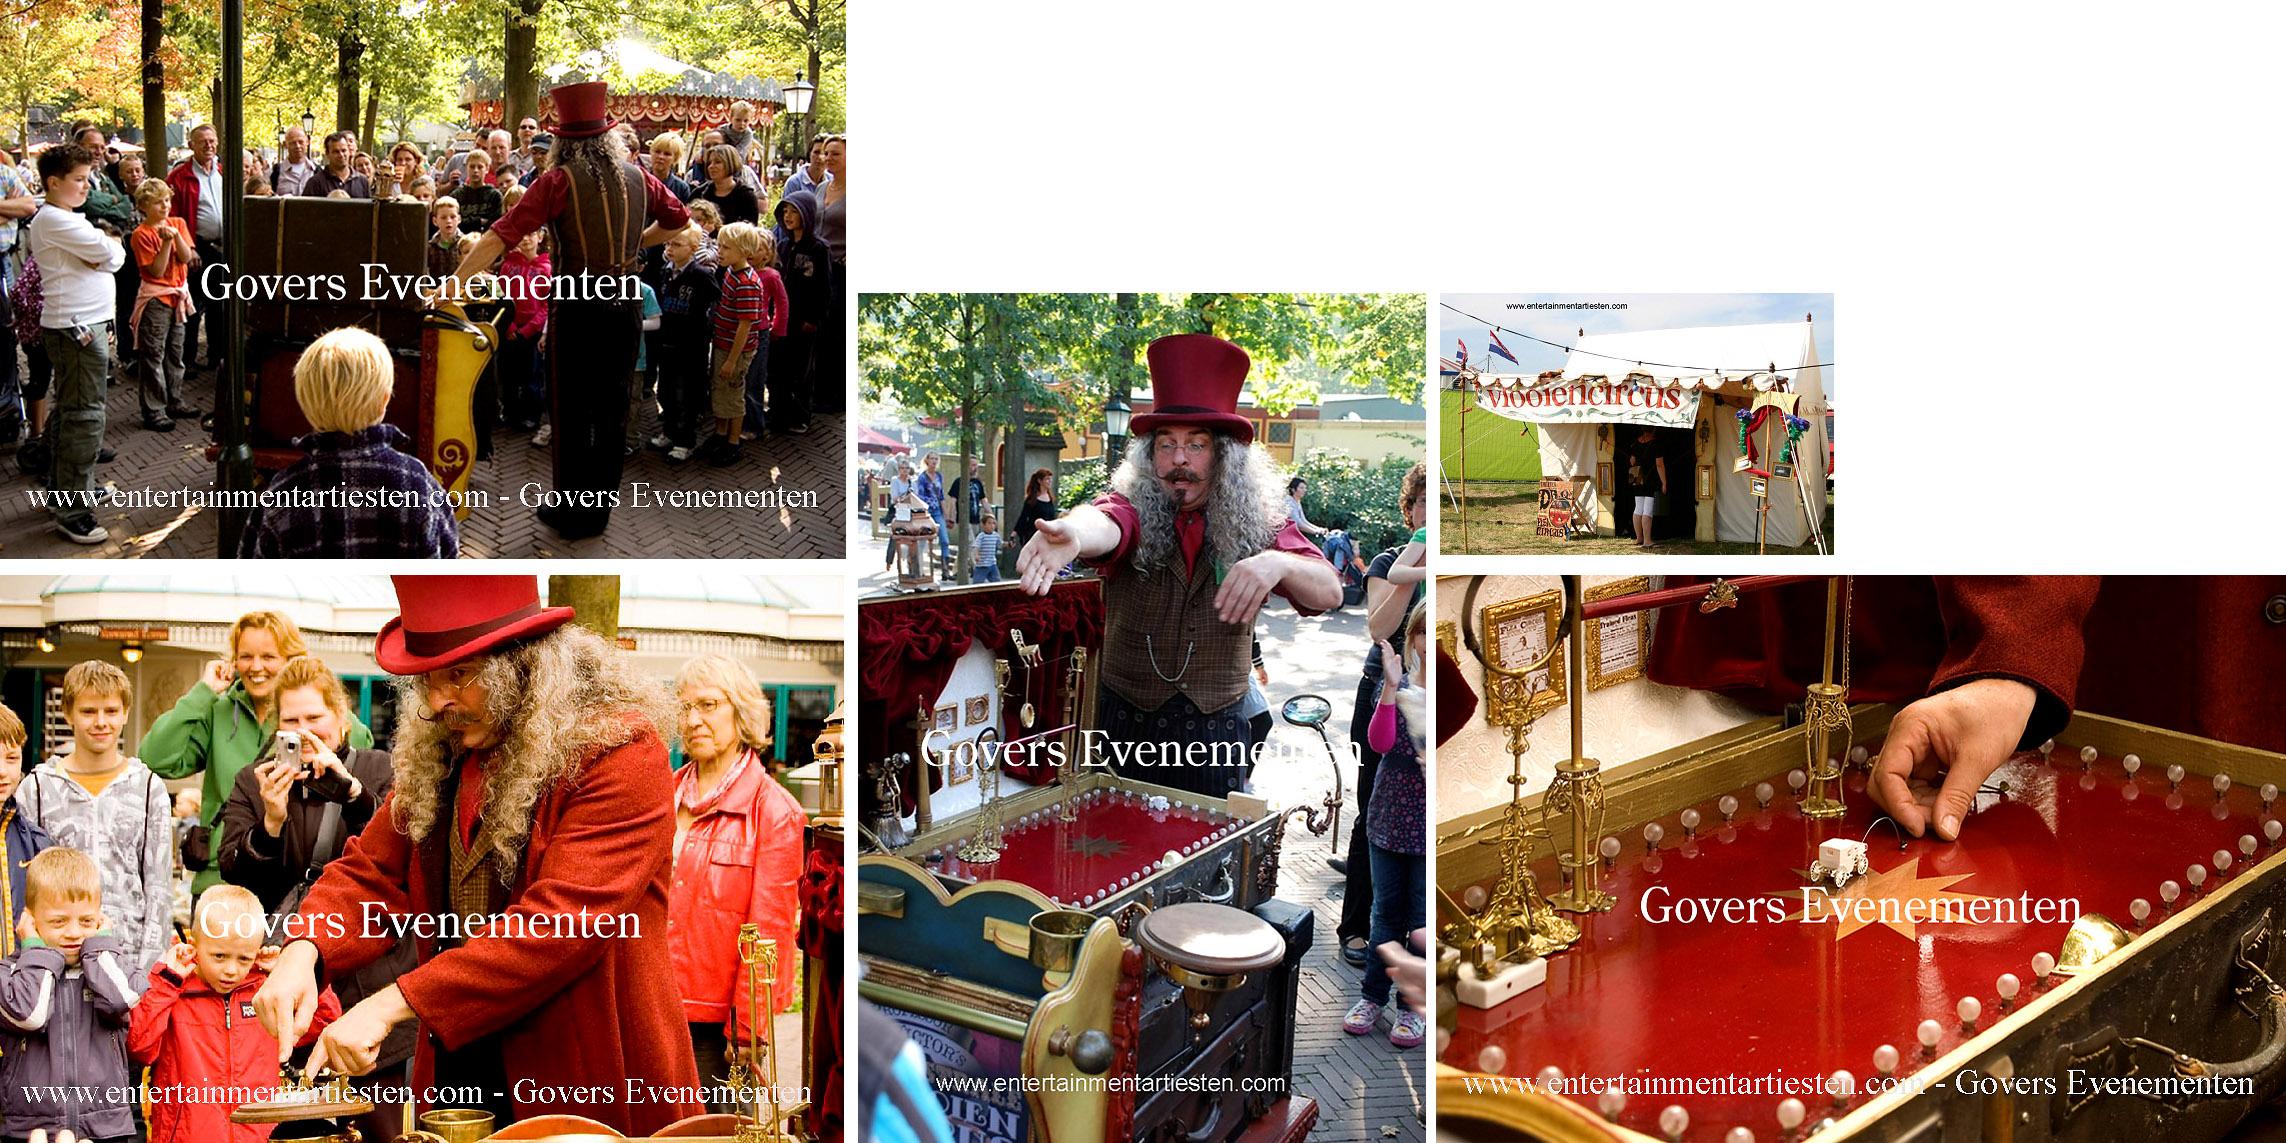 Nostalgische vlooiencircus. Stapt U terug in de tijd en neem een kijkje bij het kleinste circus ter wereld, goochelaar, straattheater, artiest, artiesten, theater voor kinderen Govers Evenementen, www.goversartiesten.nl